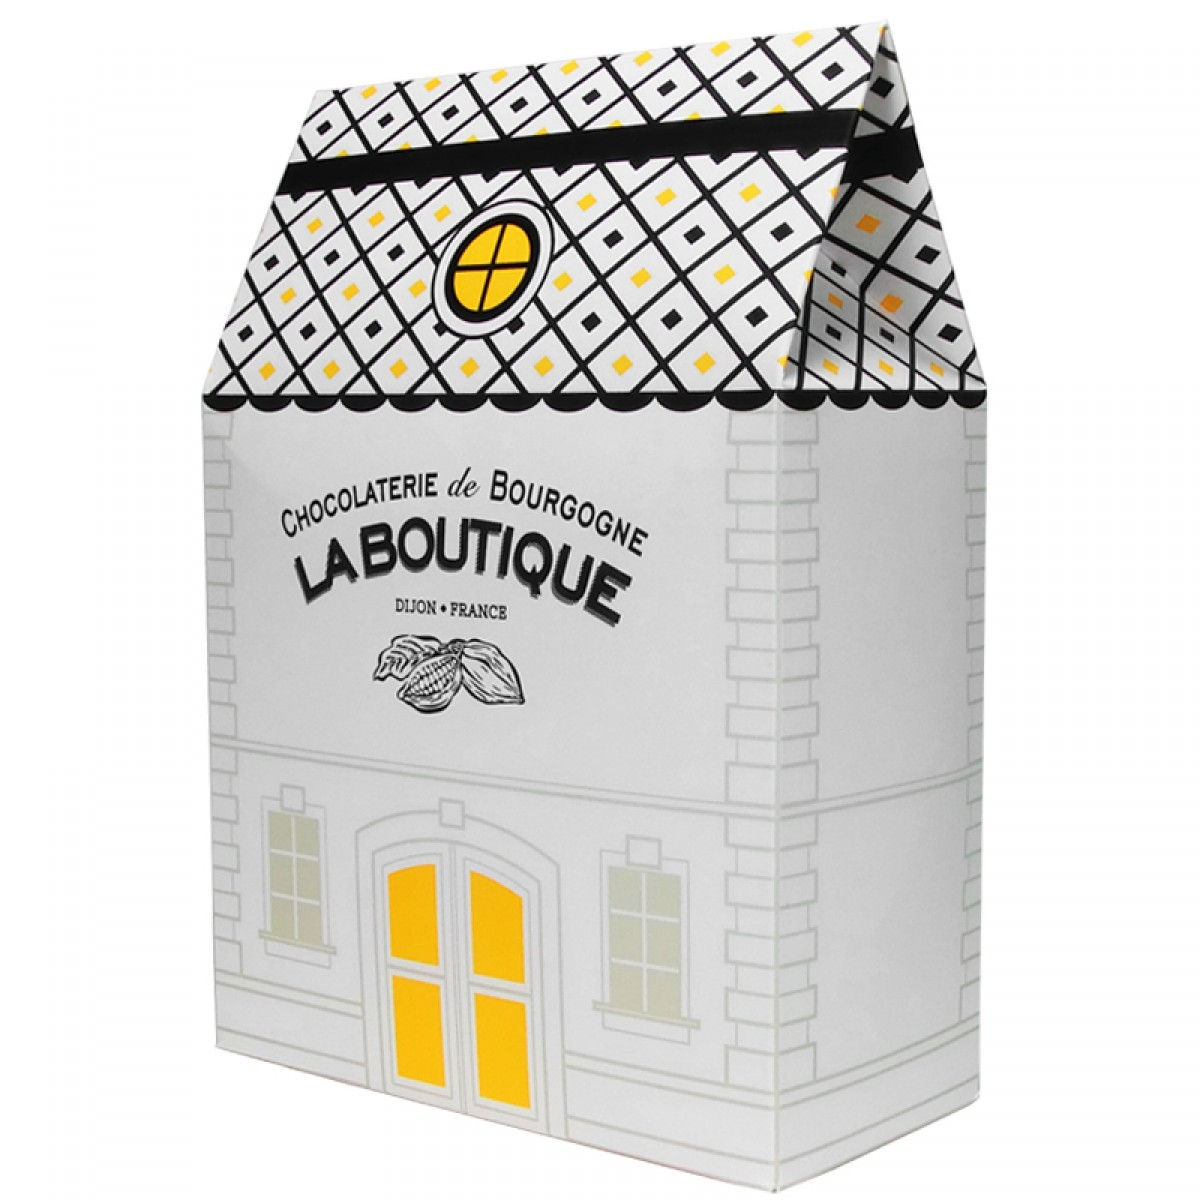 escargots de bourgogne chocolat au lait pralin boite. Black Bedroom Furniture Sets. Home Design Ideas